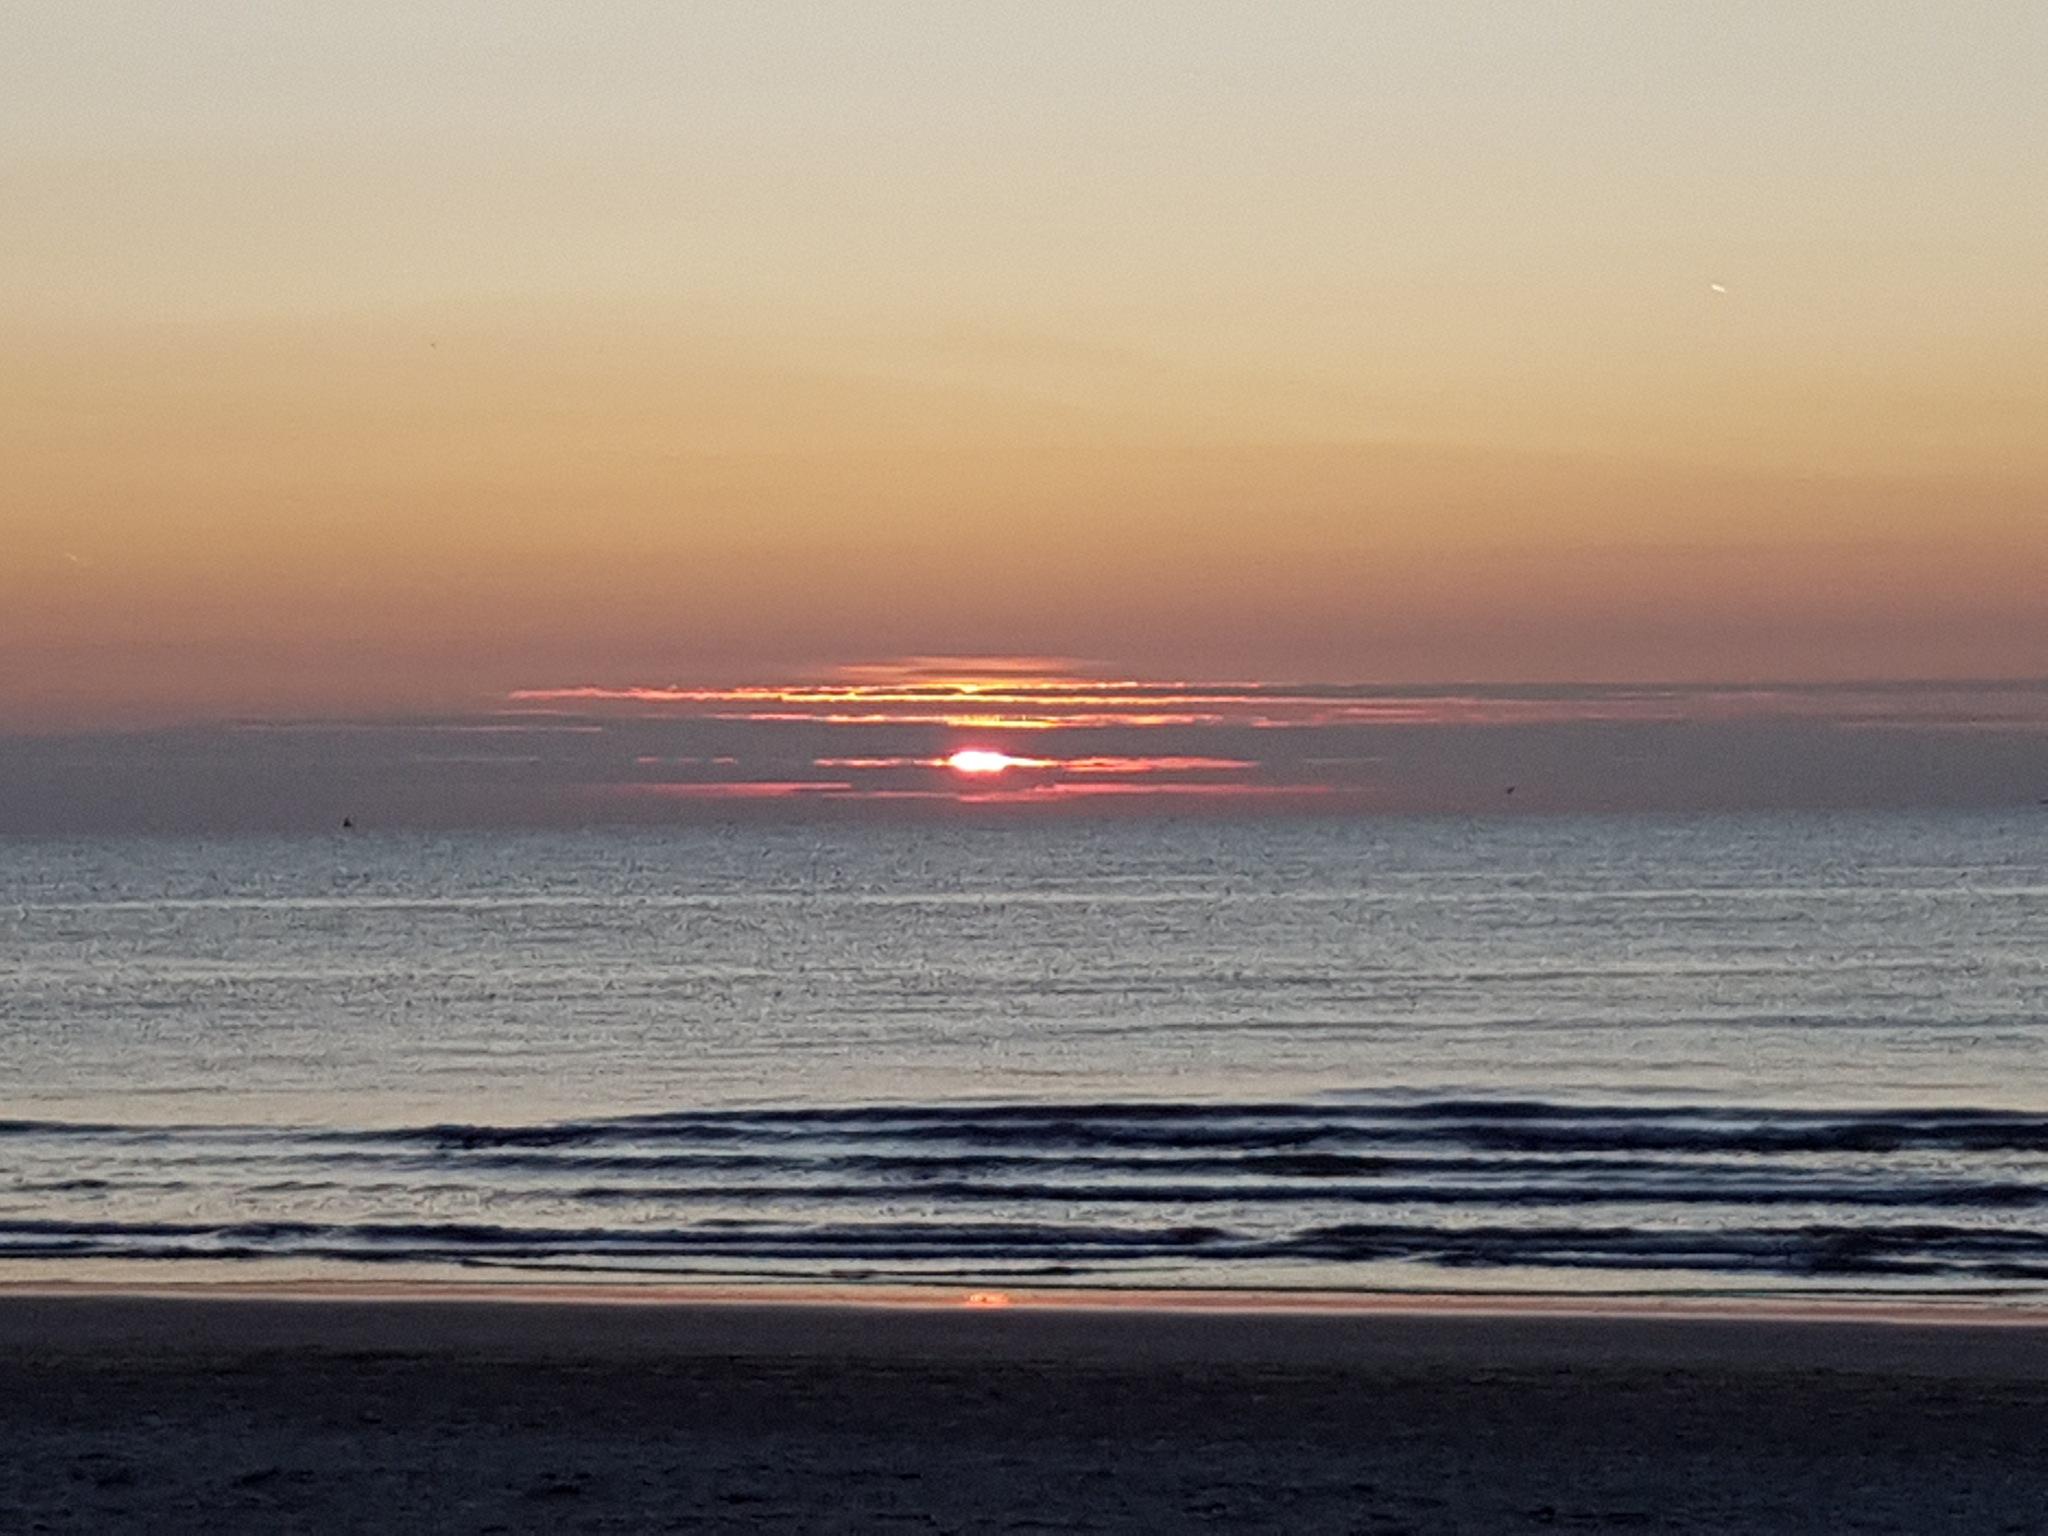 Sundown at sea by Inez